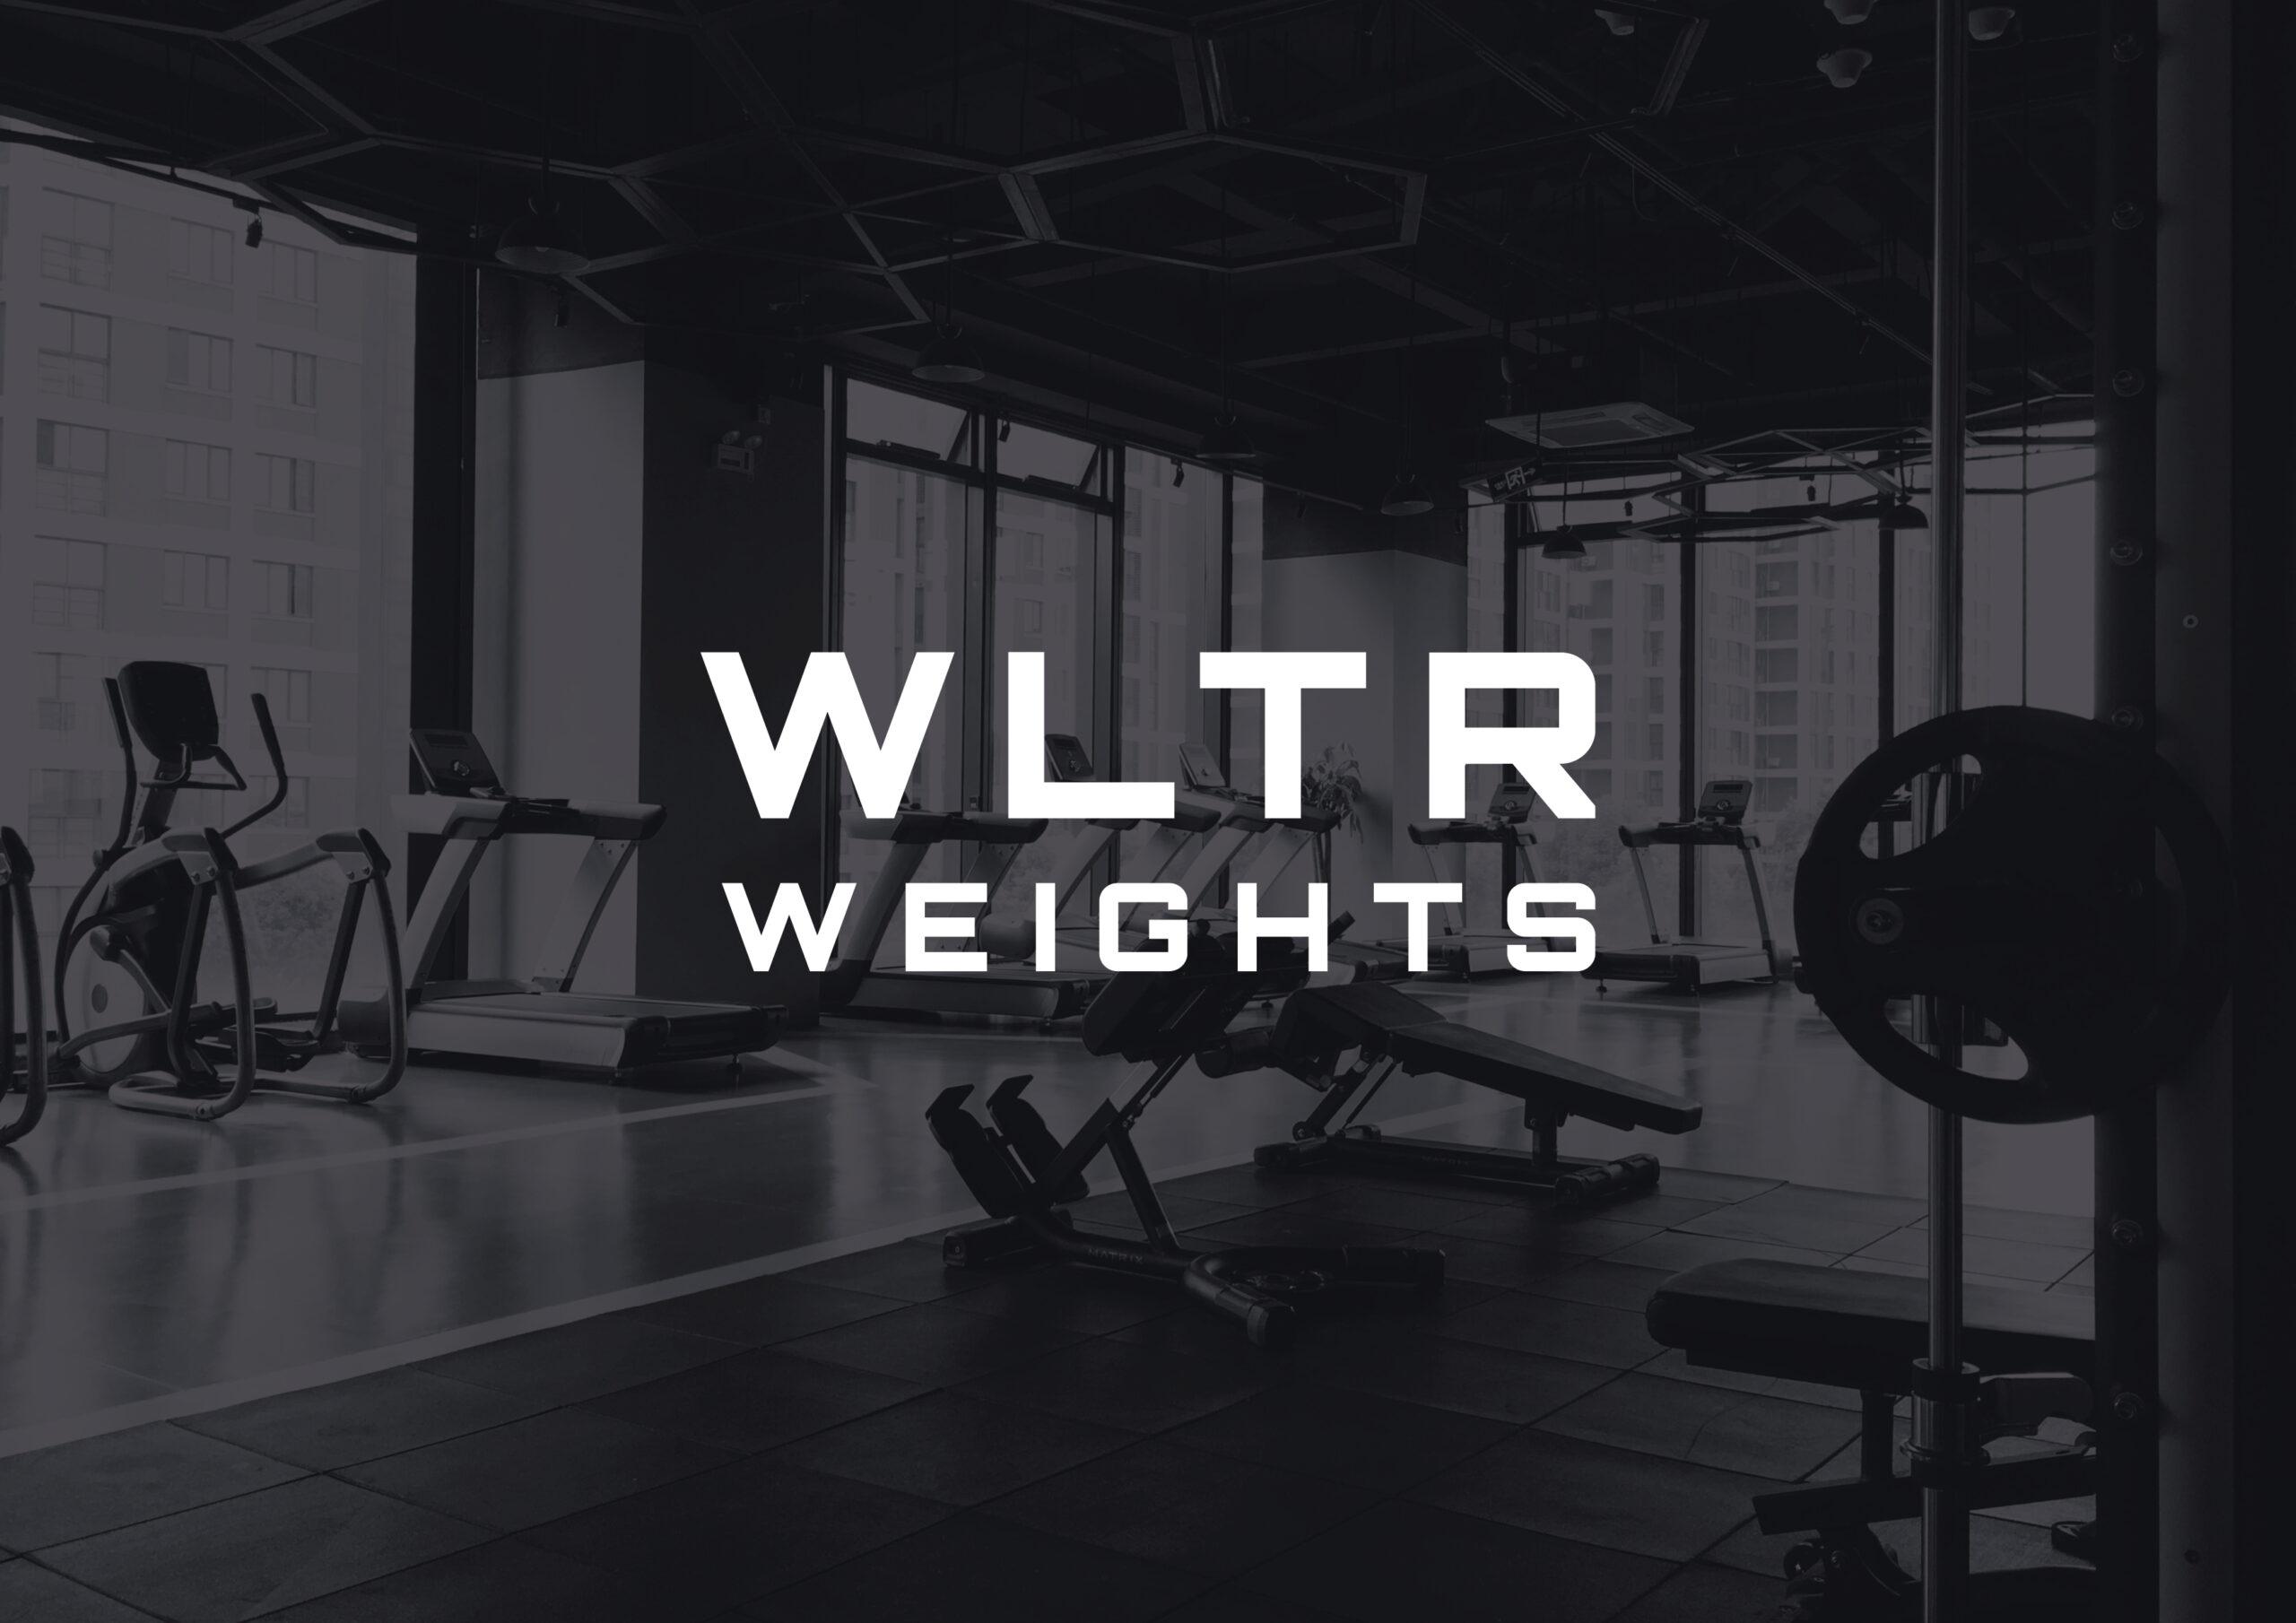 Wltr weights thumbnail